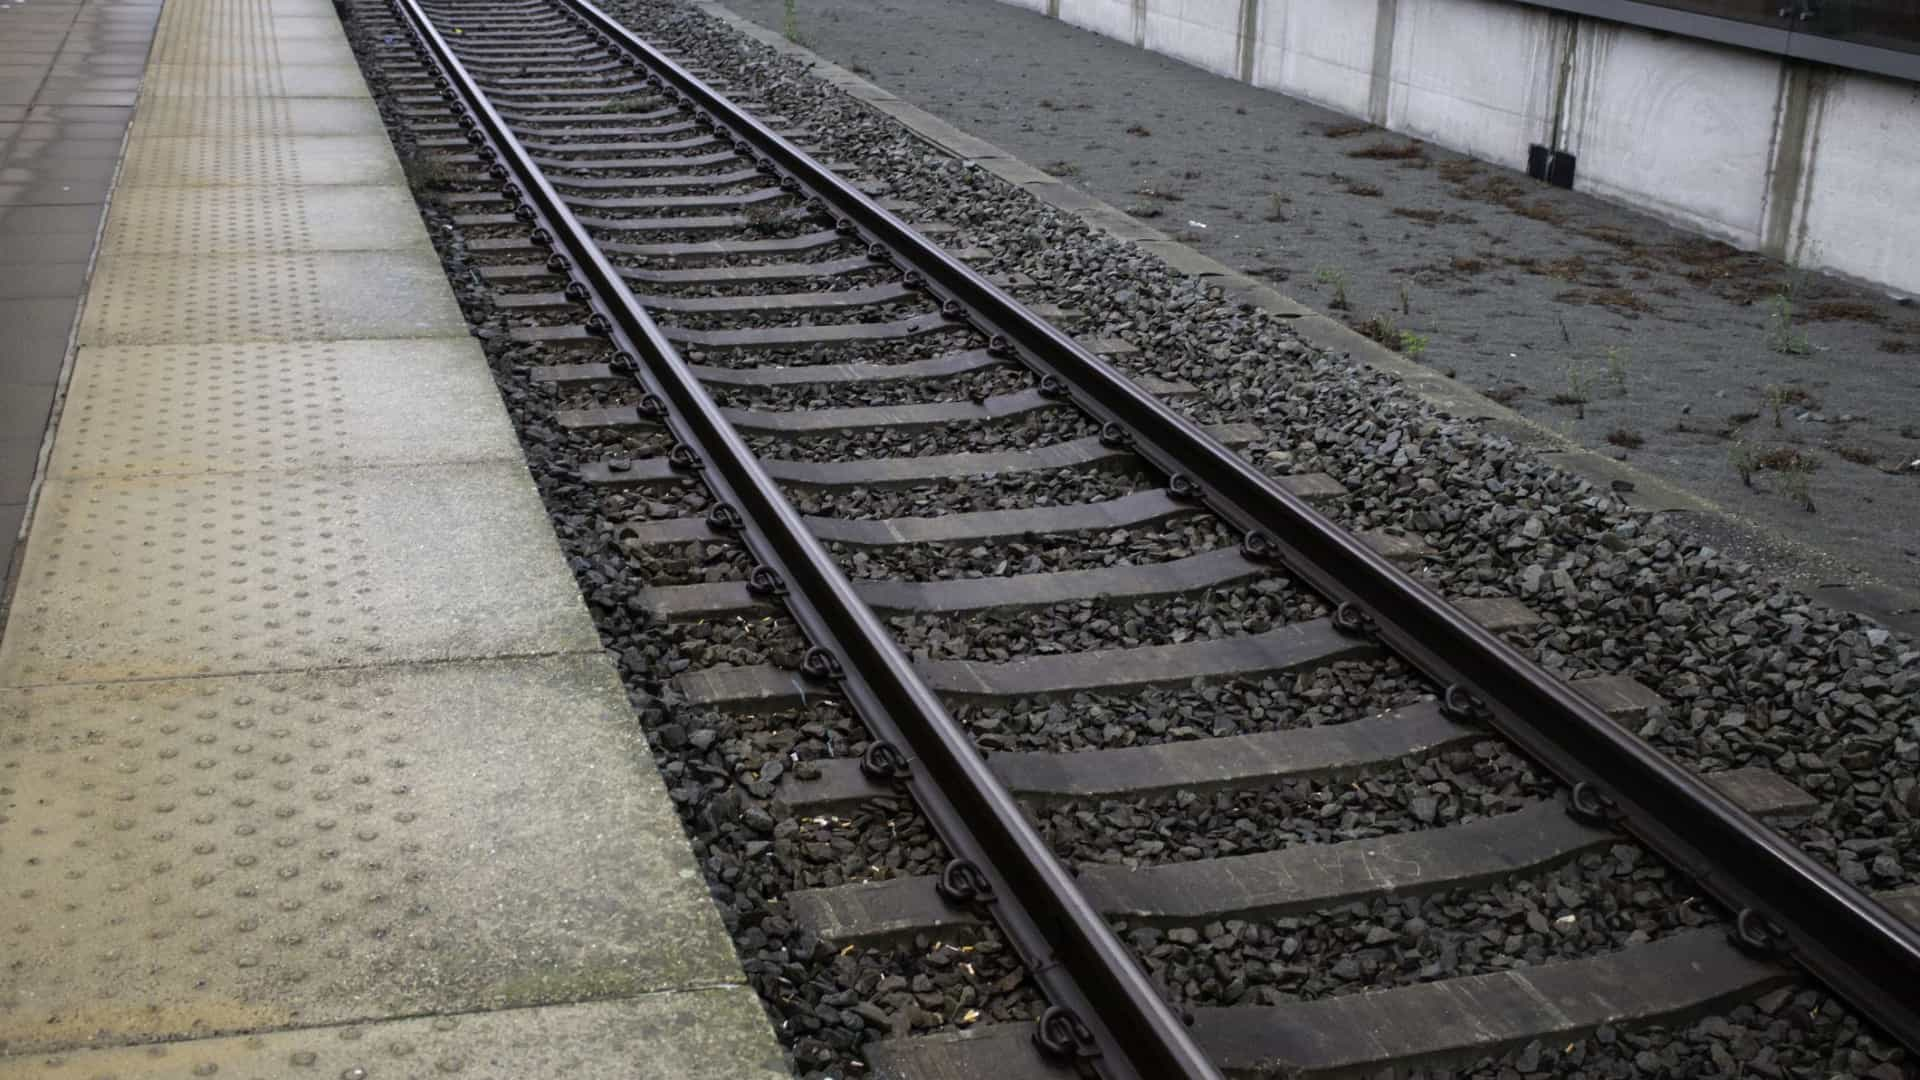 Prepare-se para uma sexta-feira complicada. Comboios vão parar 24 horas